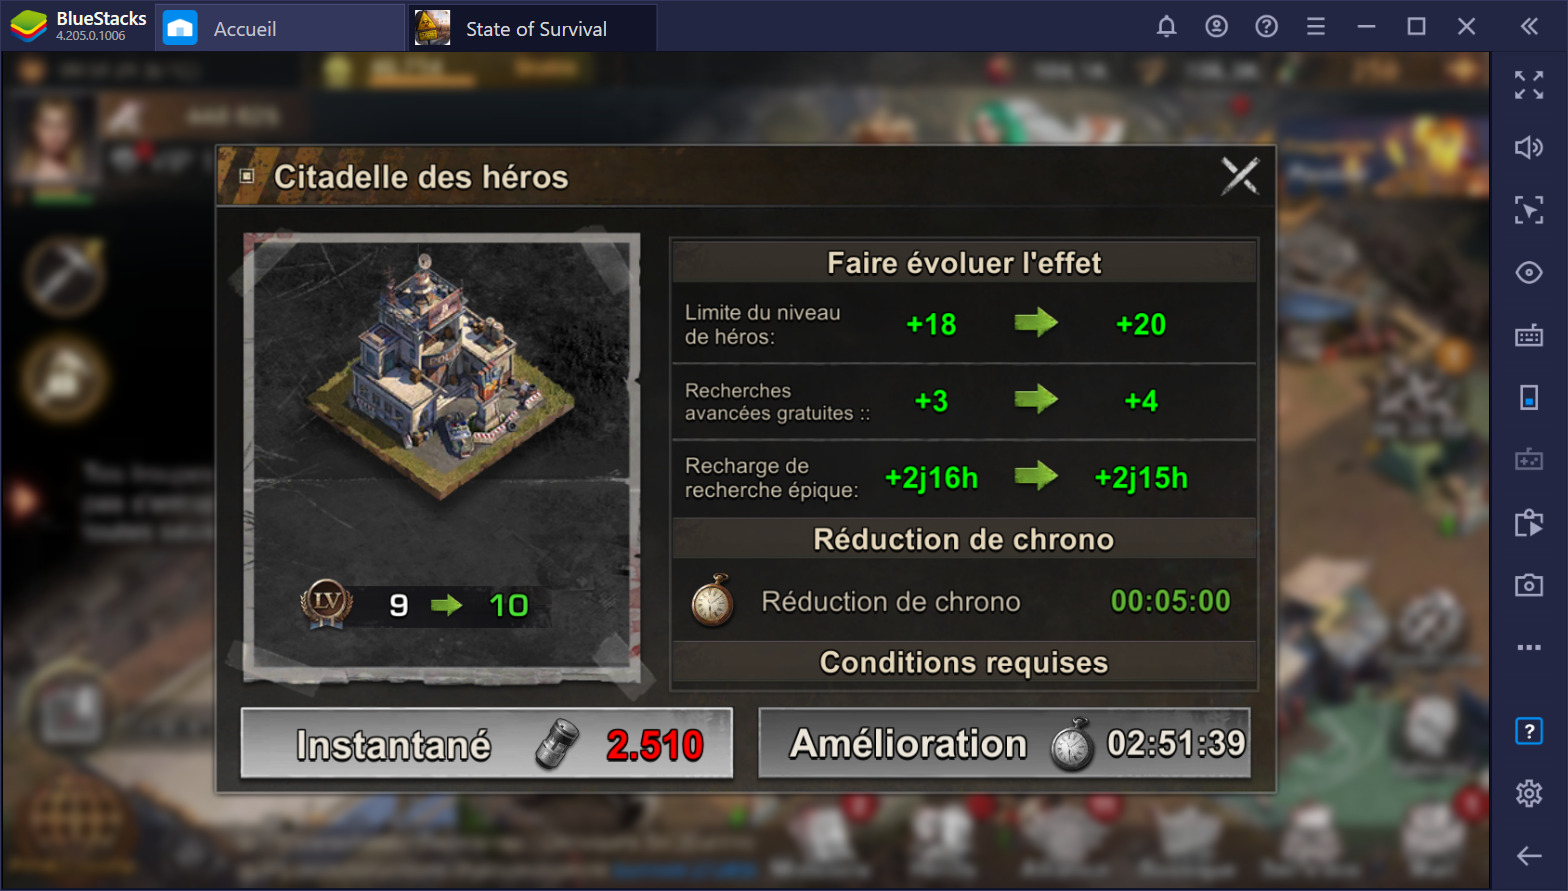 State of Survival sur PC – Guide pour progresser dans le Sentier des explorateurs